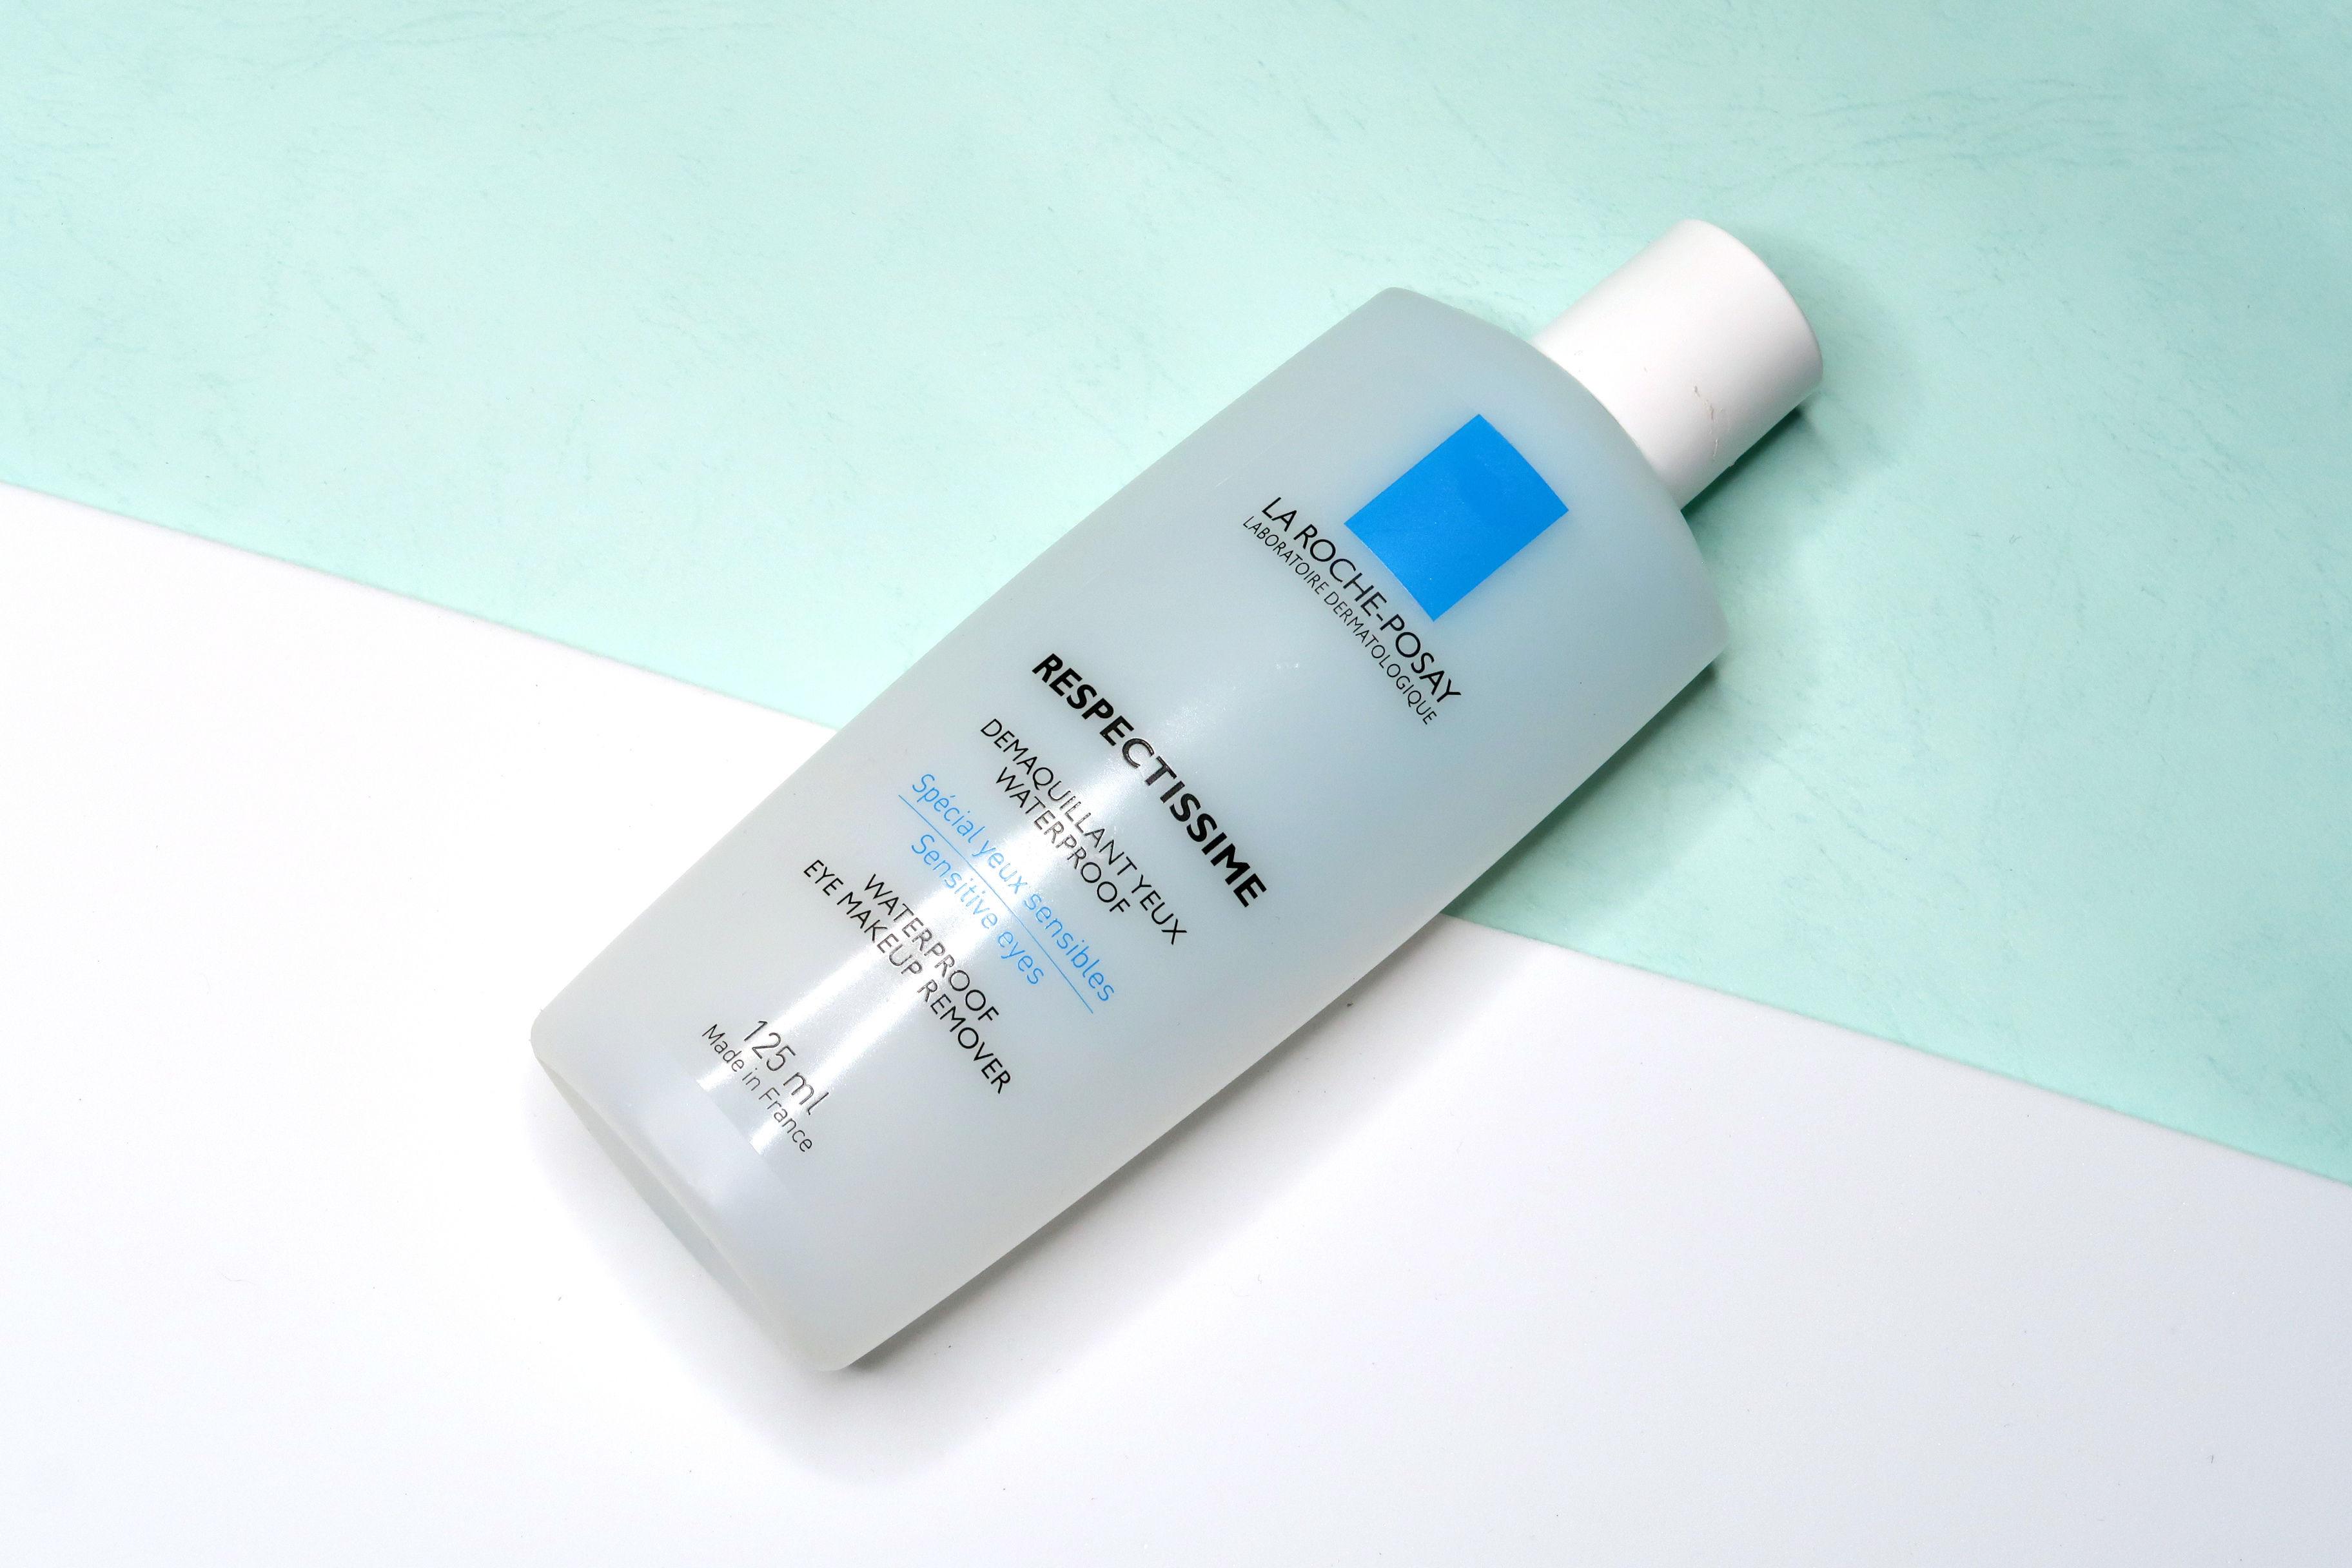 IMG_4_理膚寶水 高效溫和眼部卸妝液 使用心得.JPG